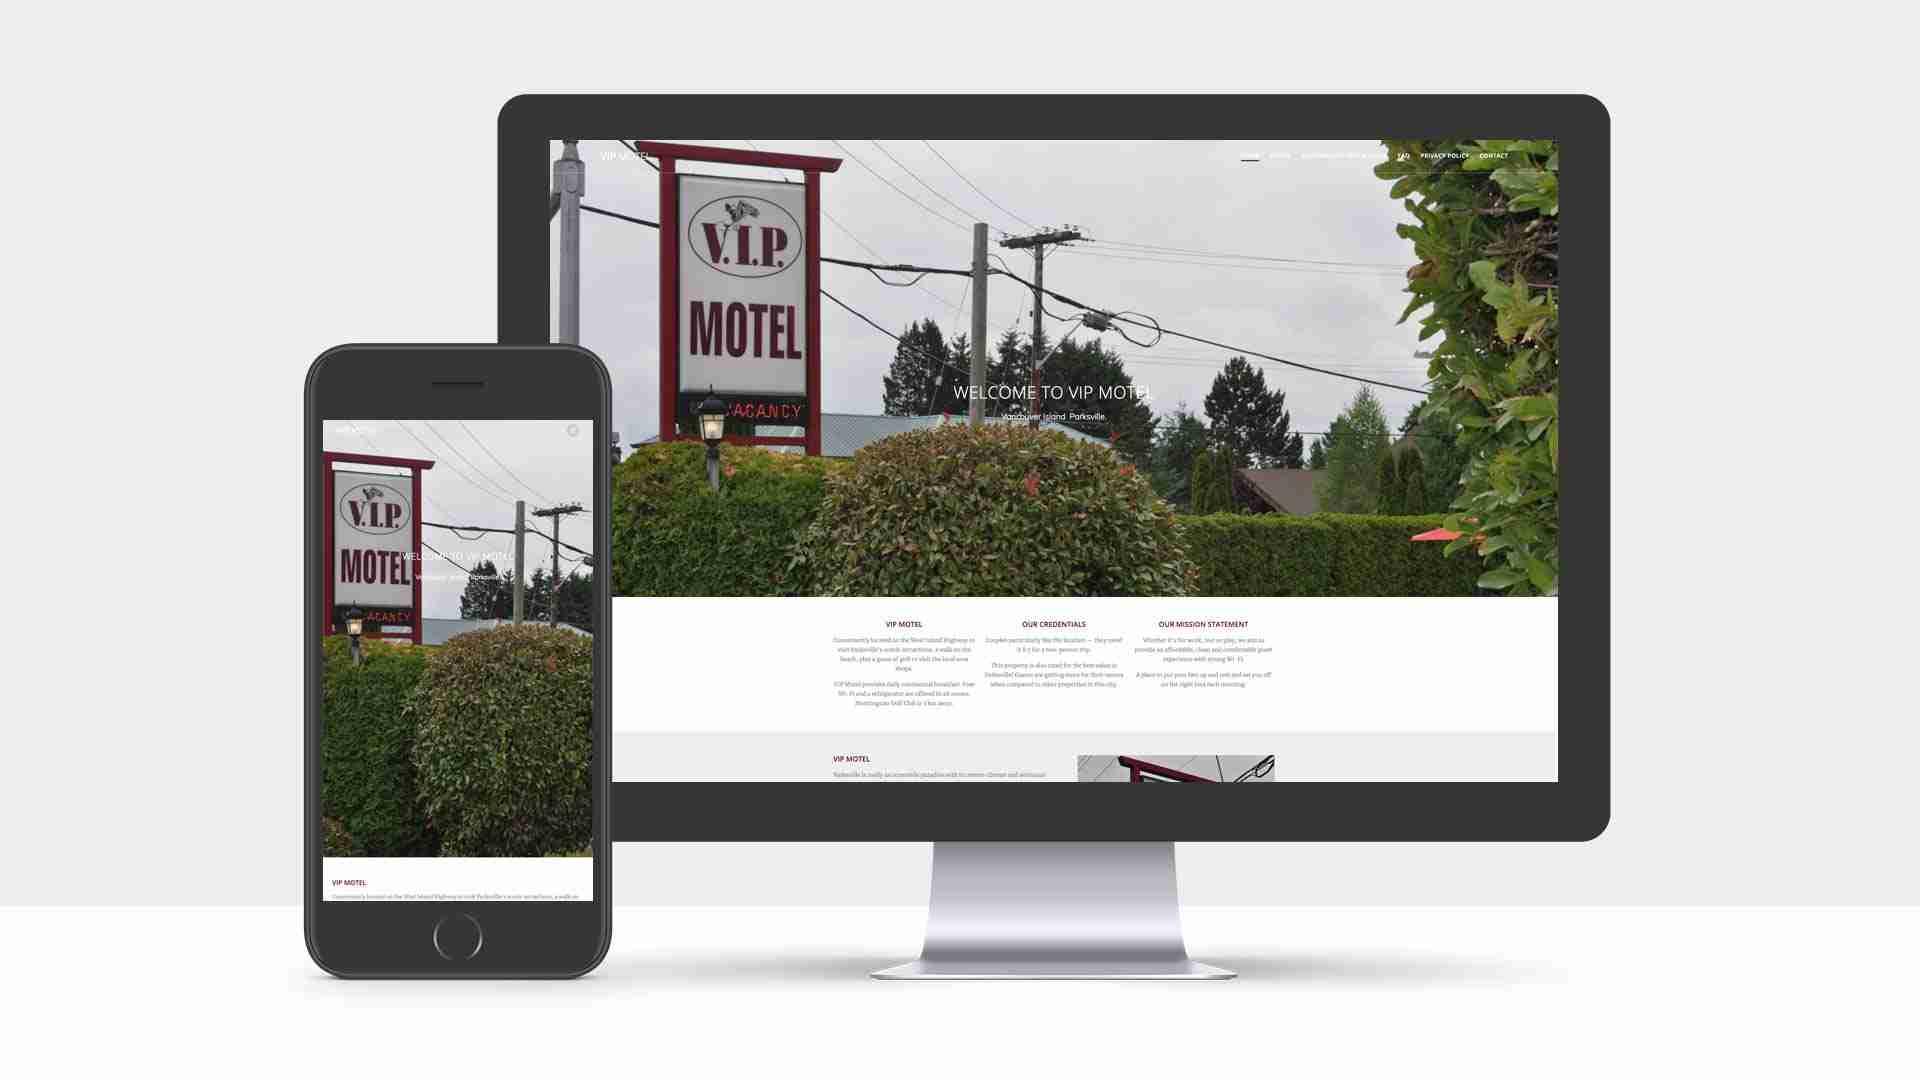 Web Design for V.I.P Motel